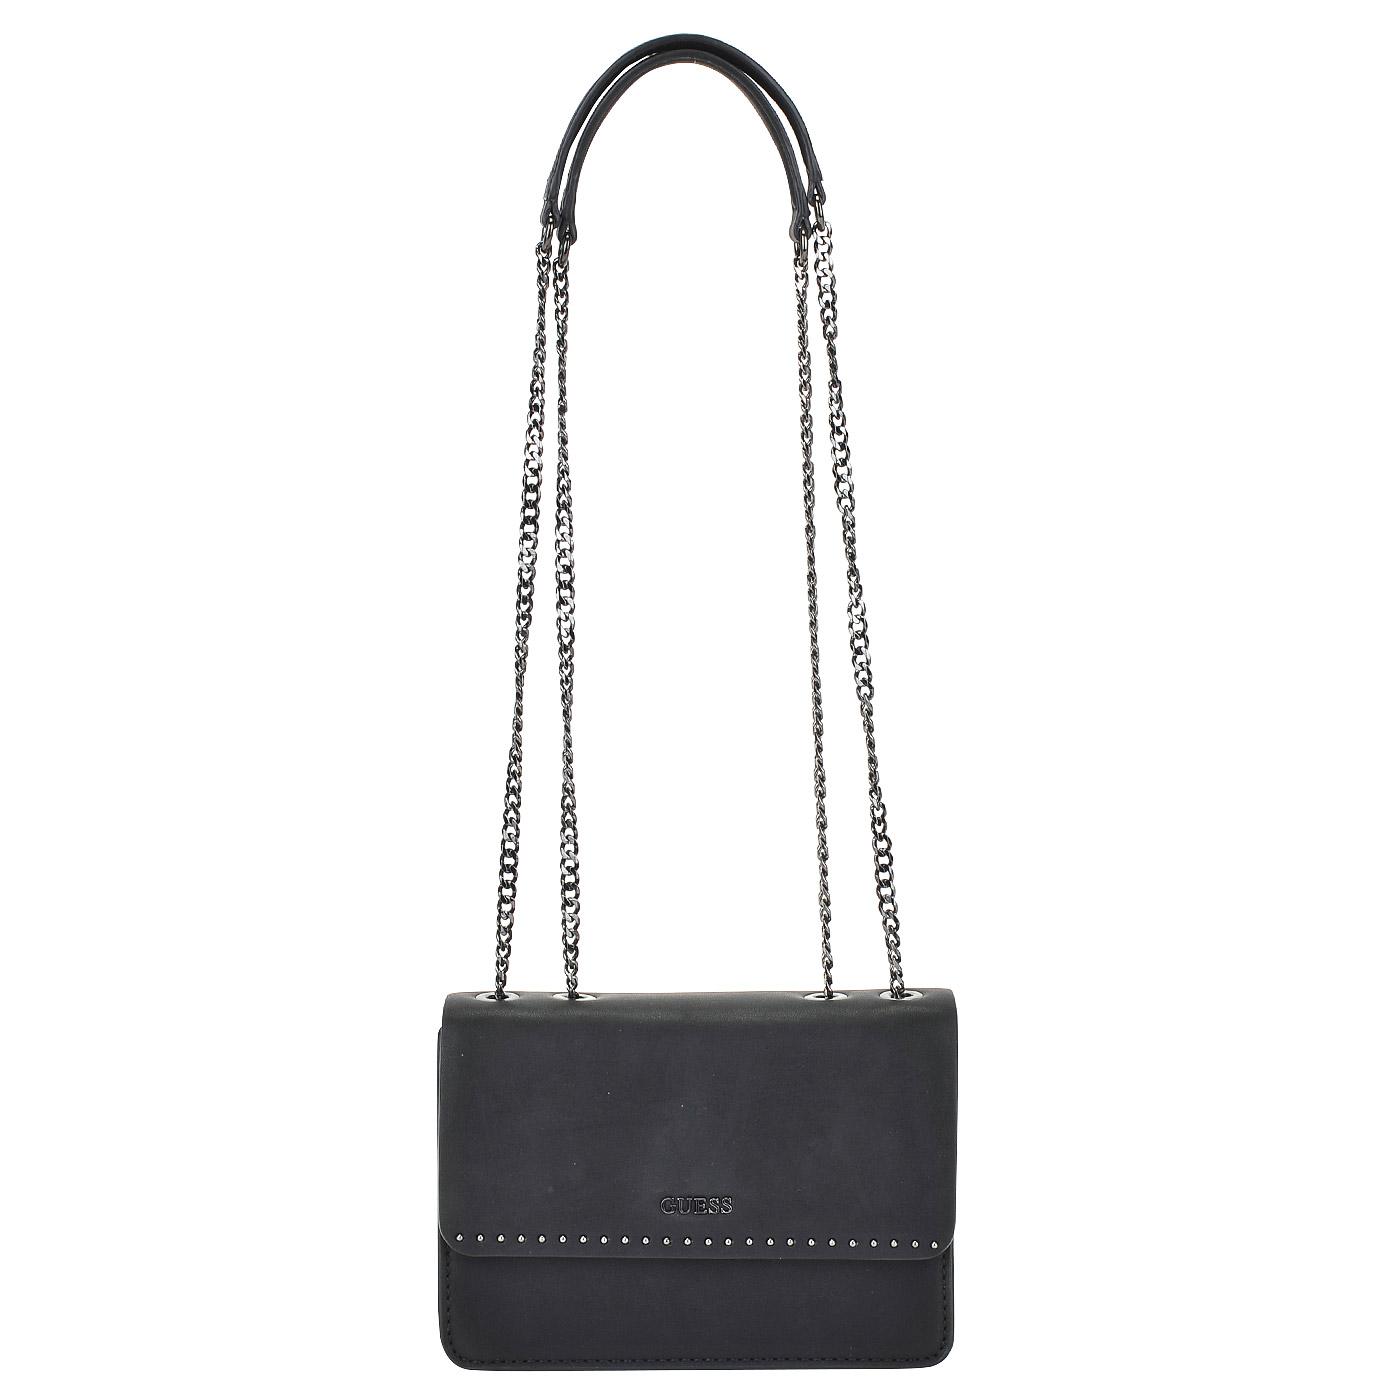 b302c531 Женские сумки зима. Какие женские модные сумки в сезоне осень-зима ...